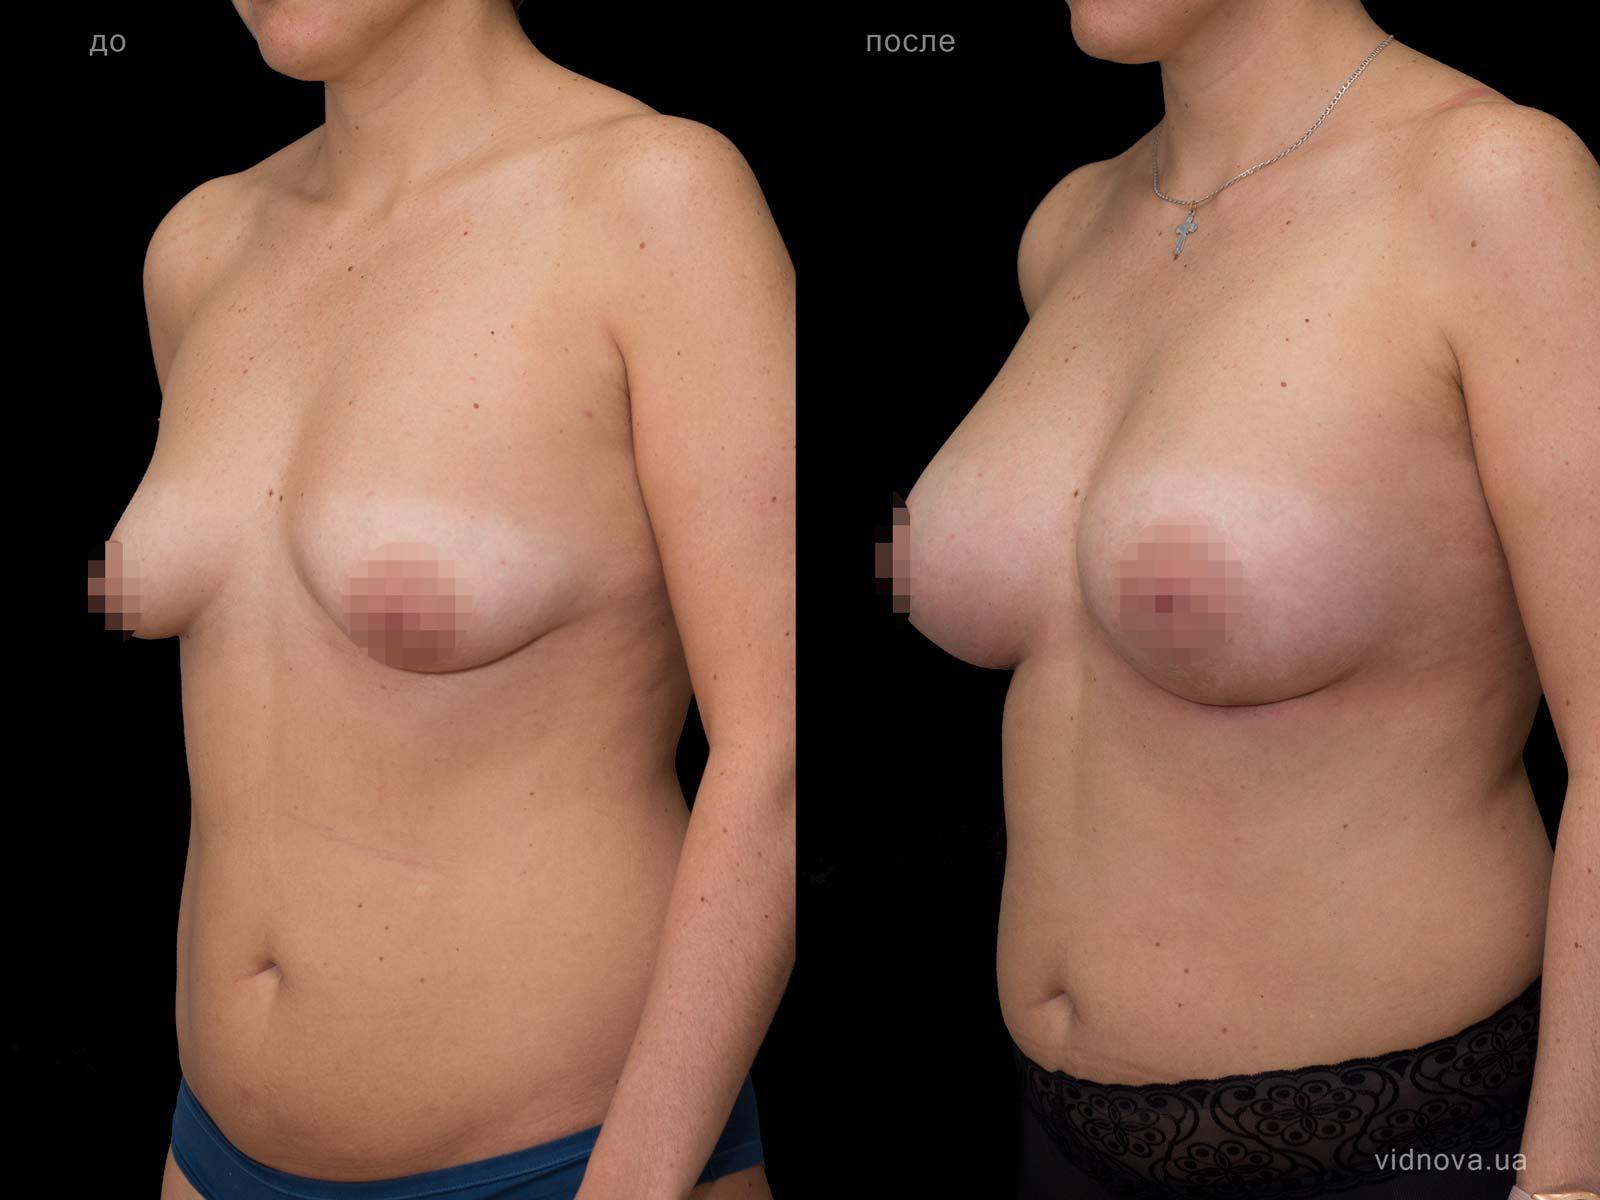 Пластика груди: результаты до и после - Пример №68-1 - Светлана Работенко